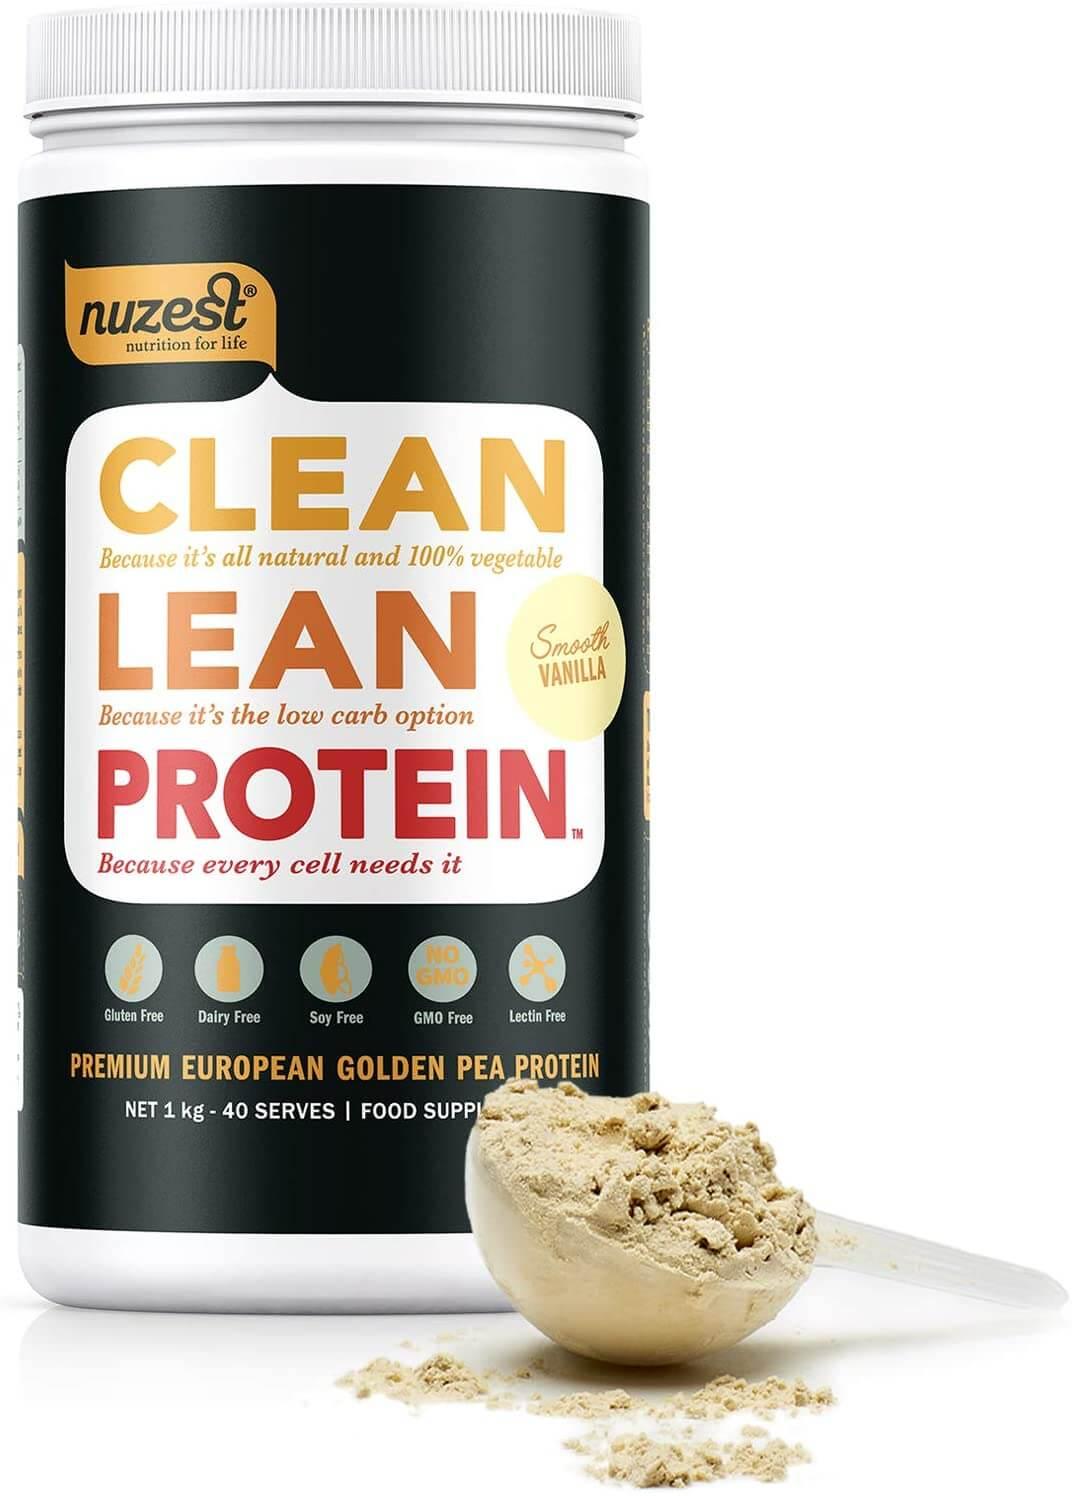 proteine vegetali in polvere più buone